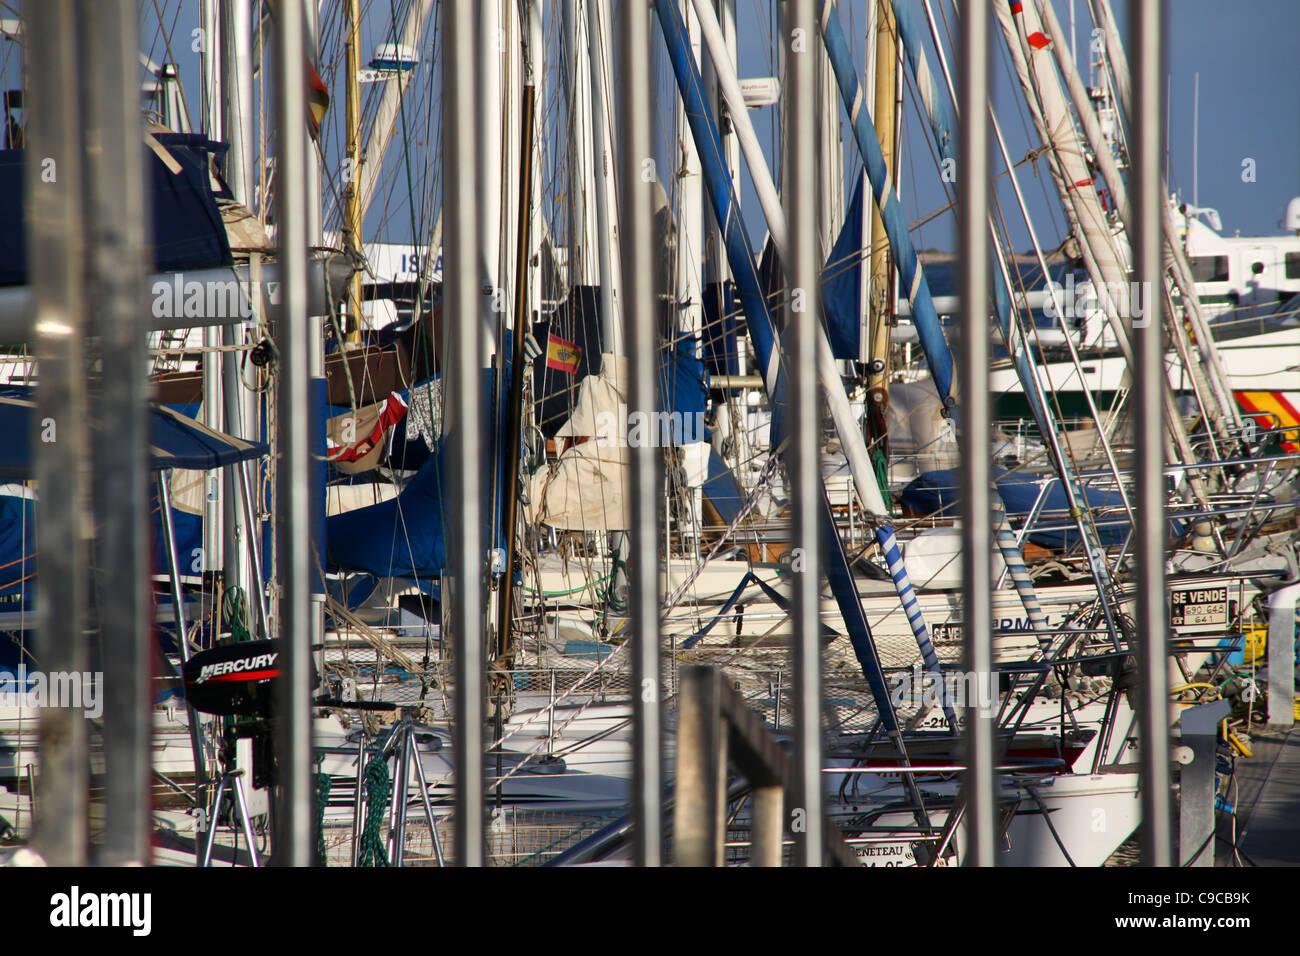 Cluster of yachts behind railings at marina - Stock Image